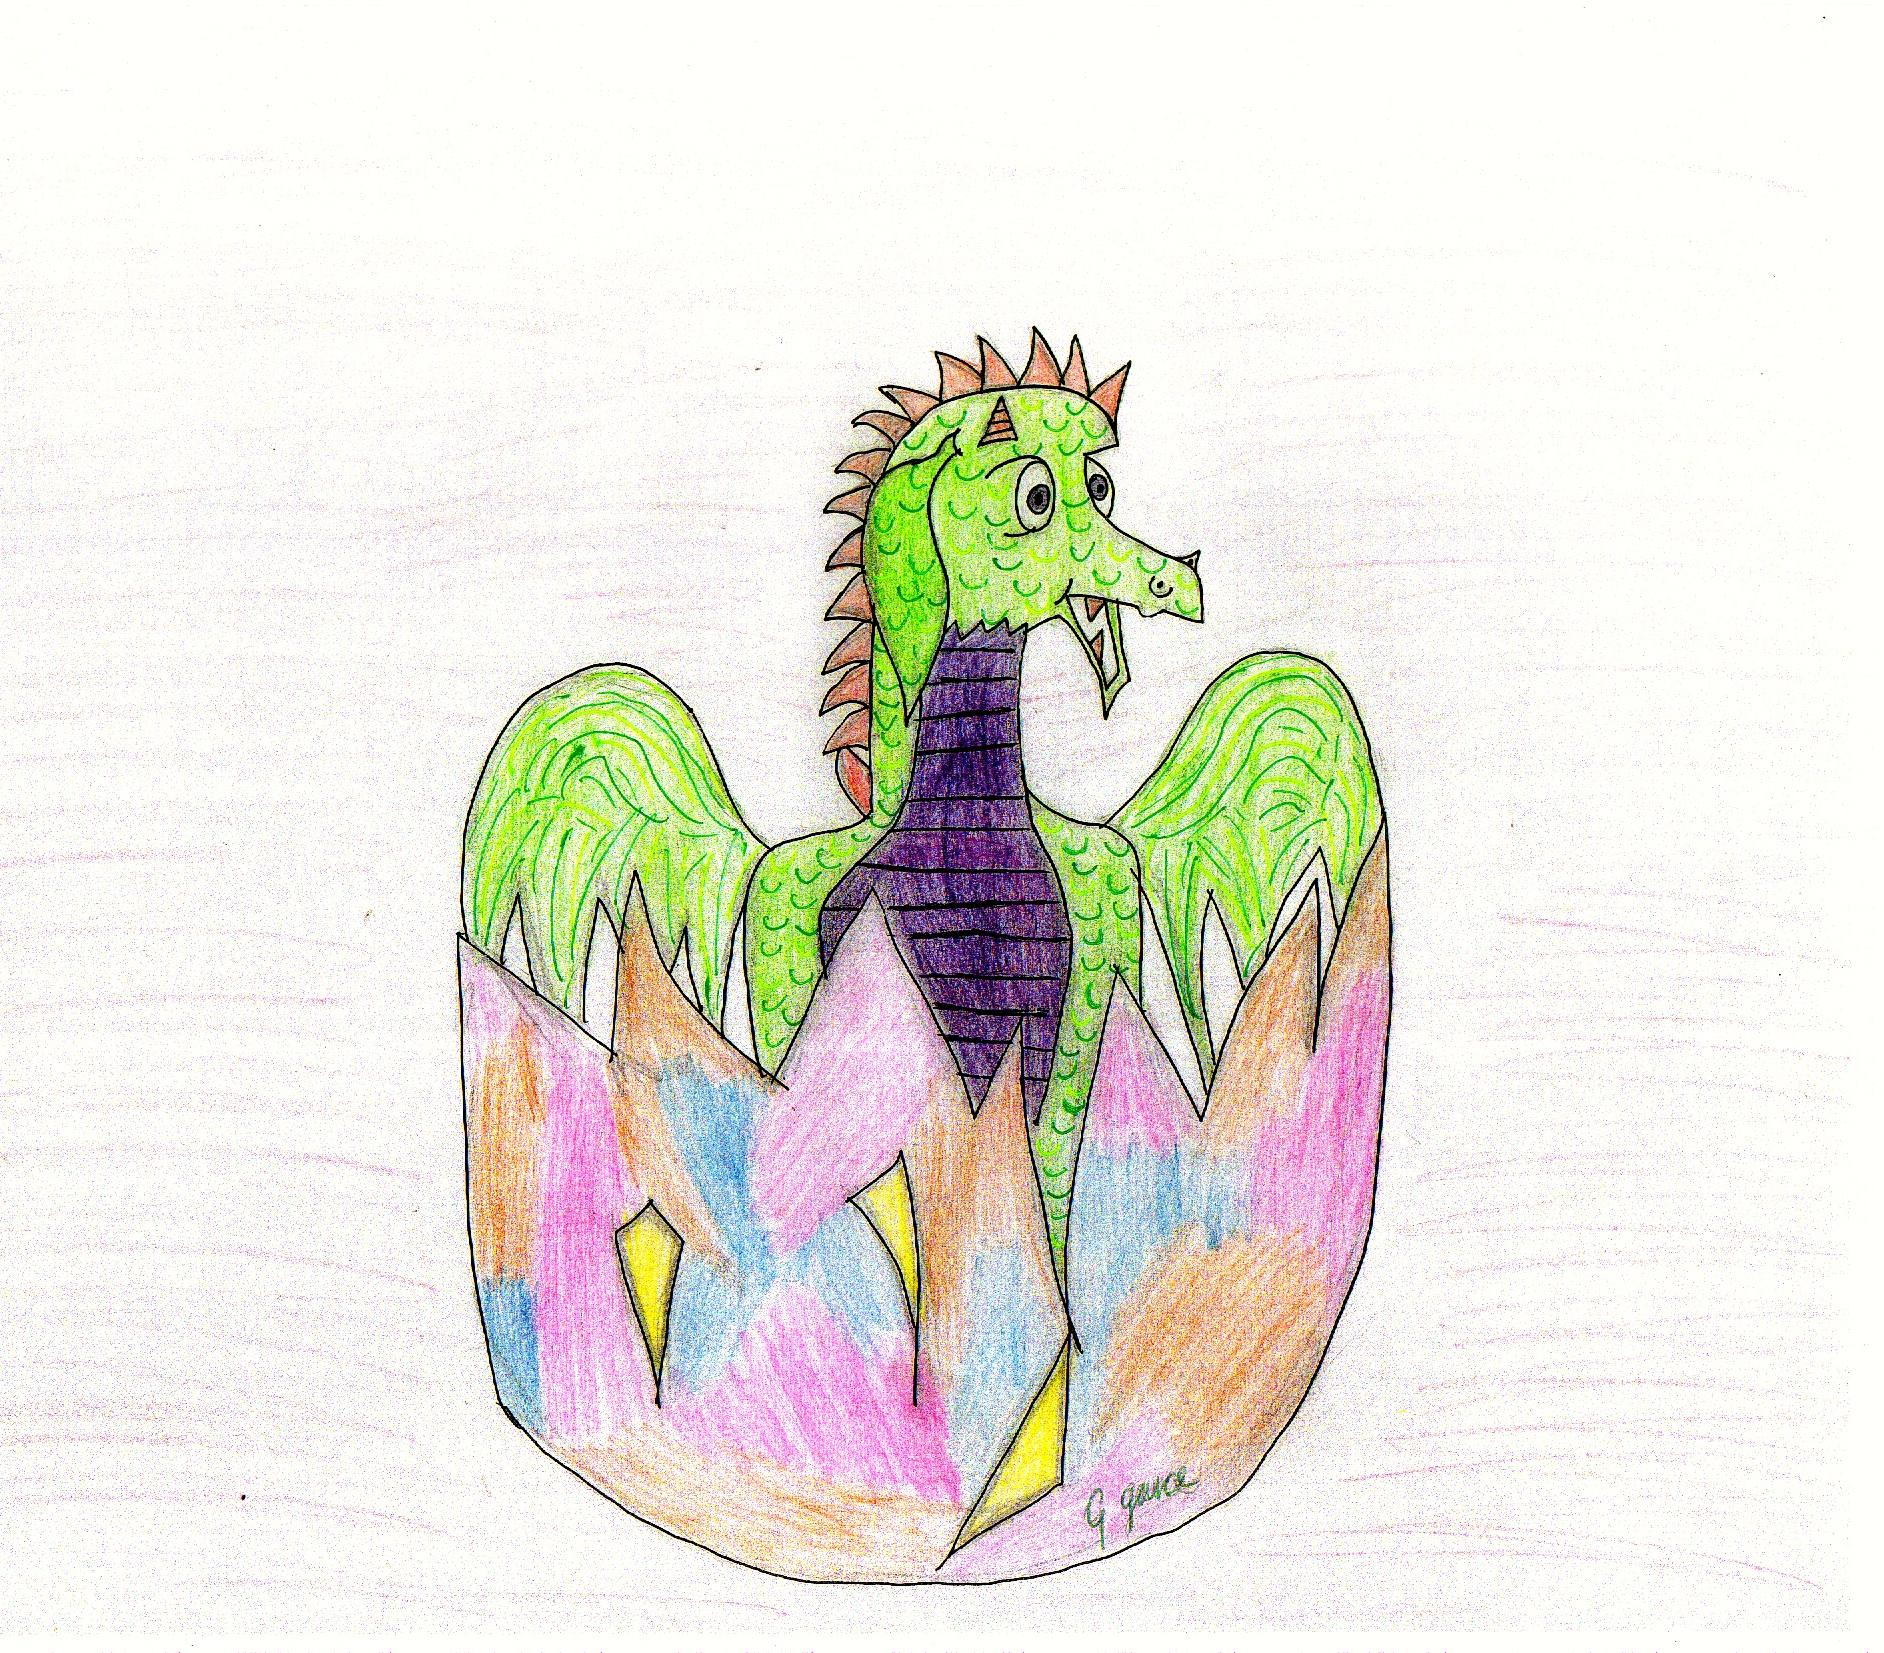 The Baby Dragon Hatching, by Georga Joy Garcia.